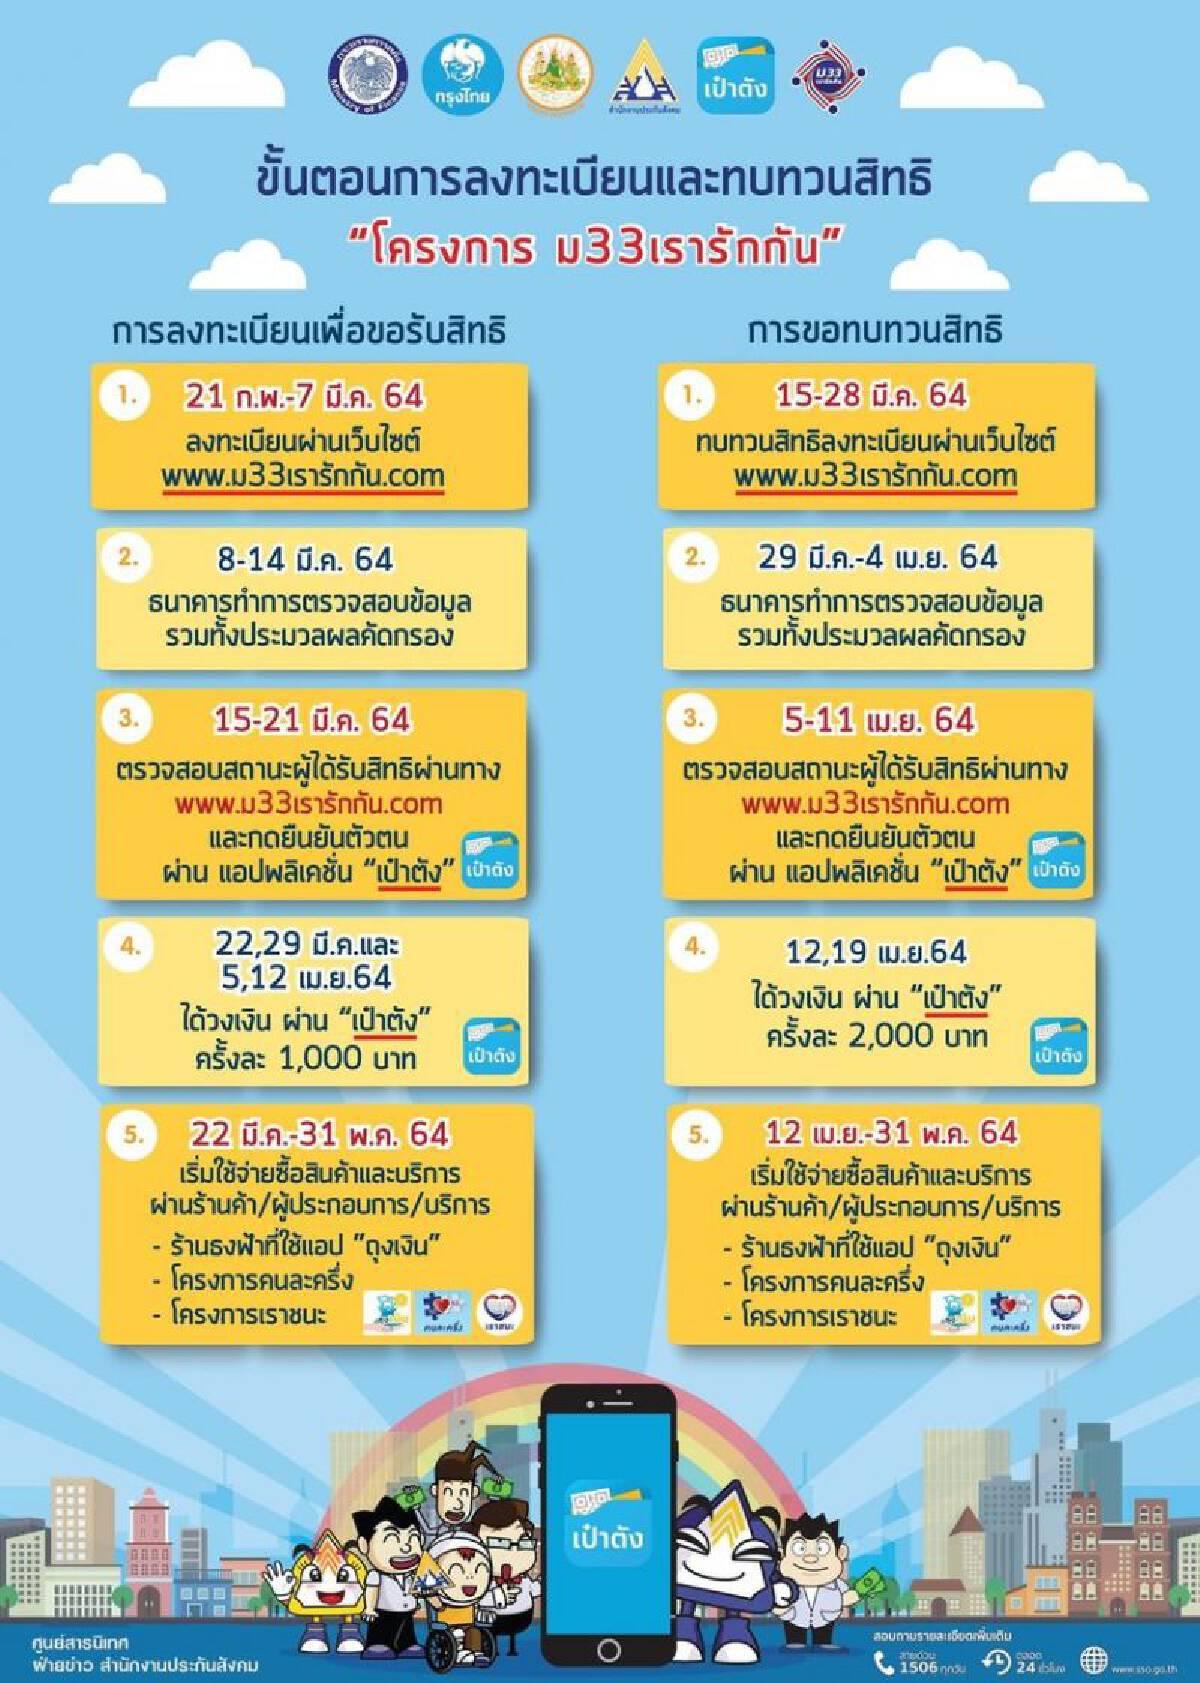 ม.33 เรารักกัน เปิดลงทะเบียน www.ม33เรารักกัน.com รับเงินเยียวยา 4,000 บาท เริ่ม 6 โมงเช้าวันนี้